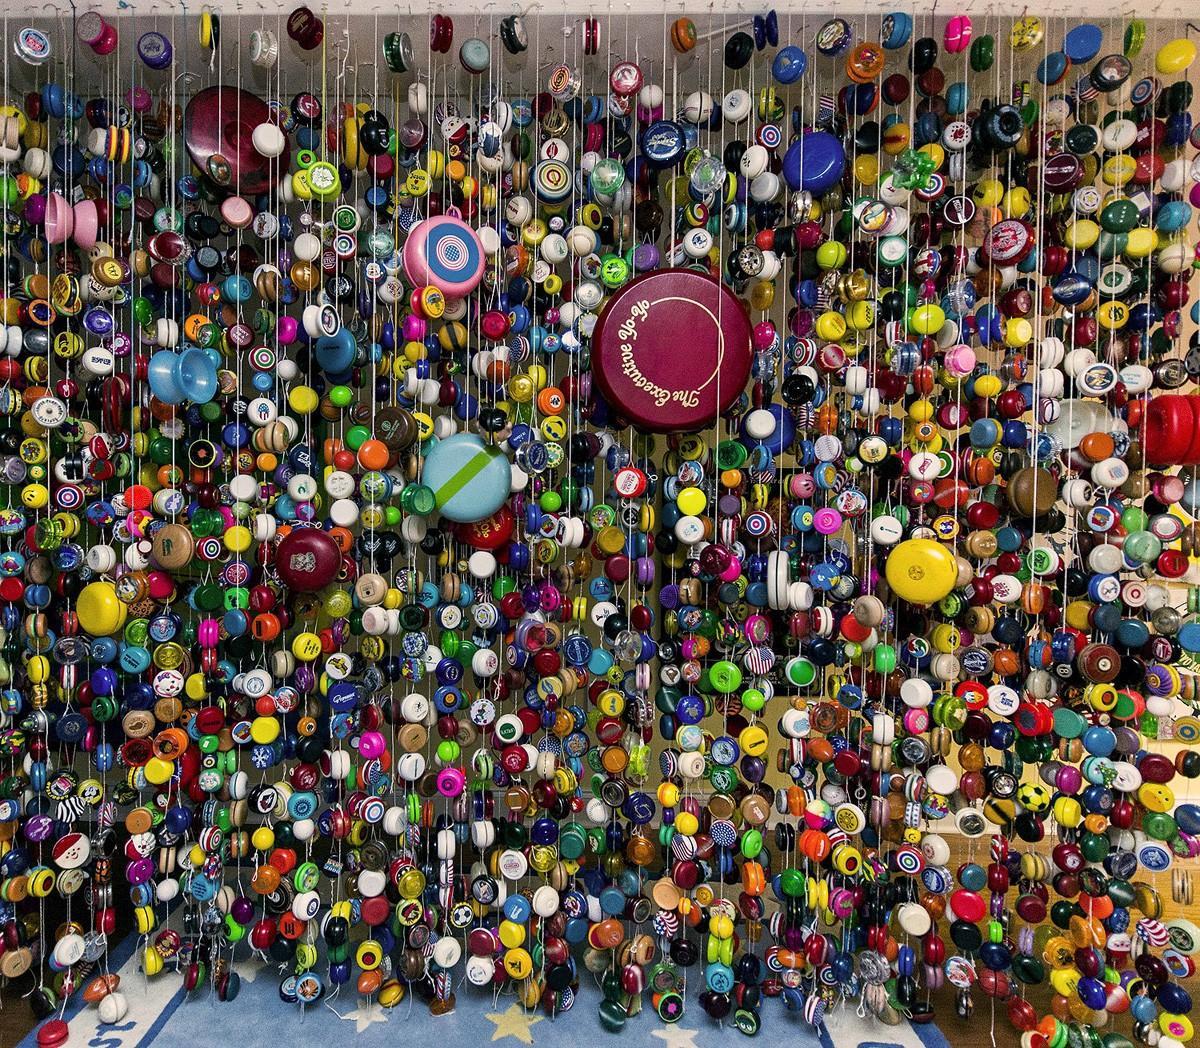 collections06 Самые странные в мире коллекции